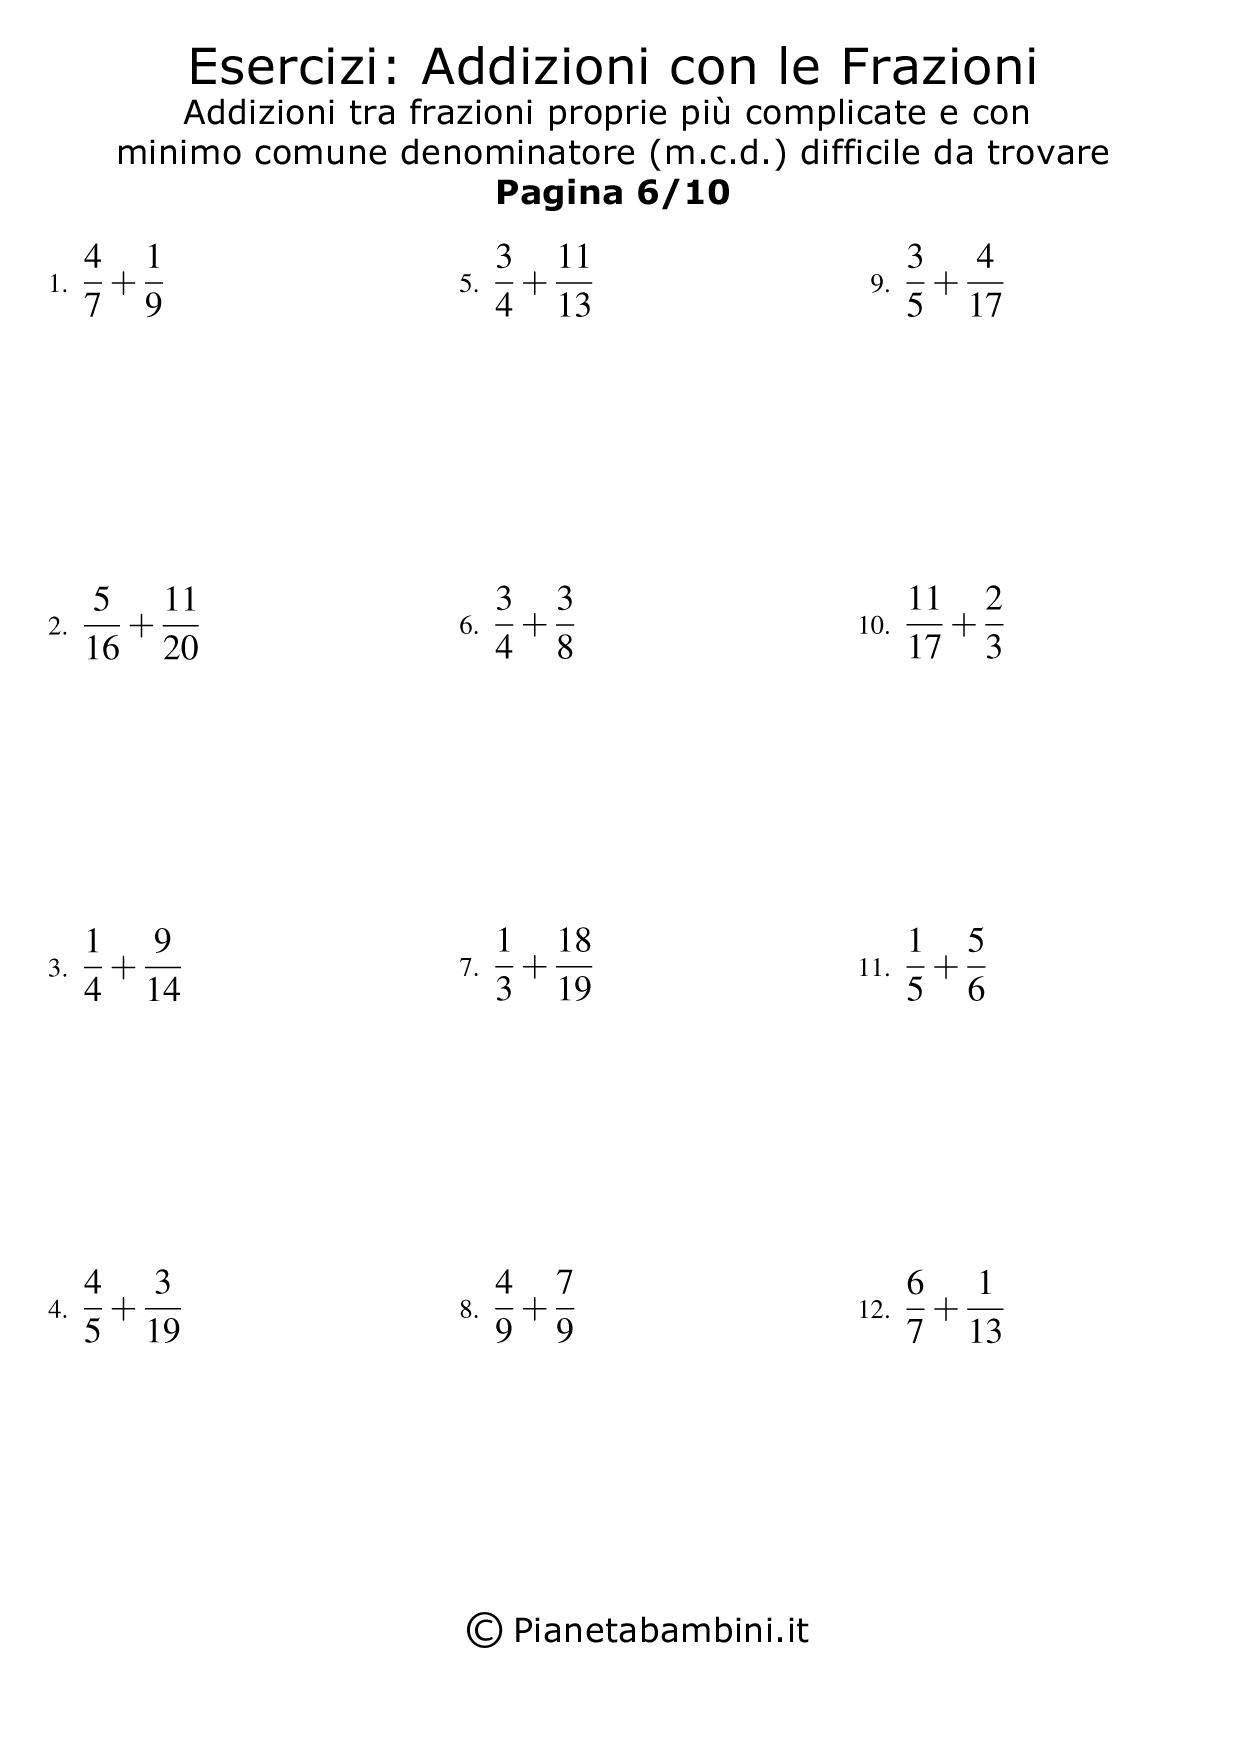 Frazioni-Difficili-m.c.d-difficile_06